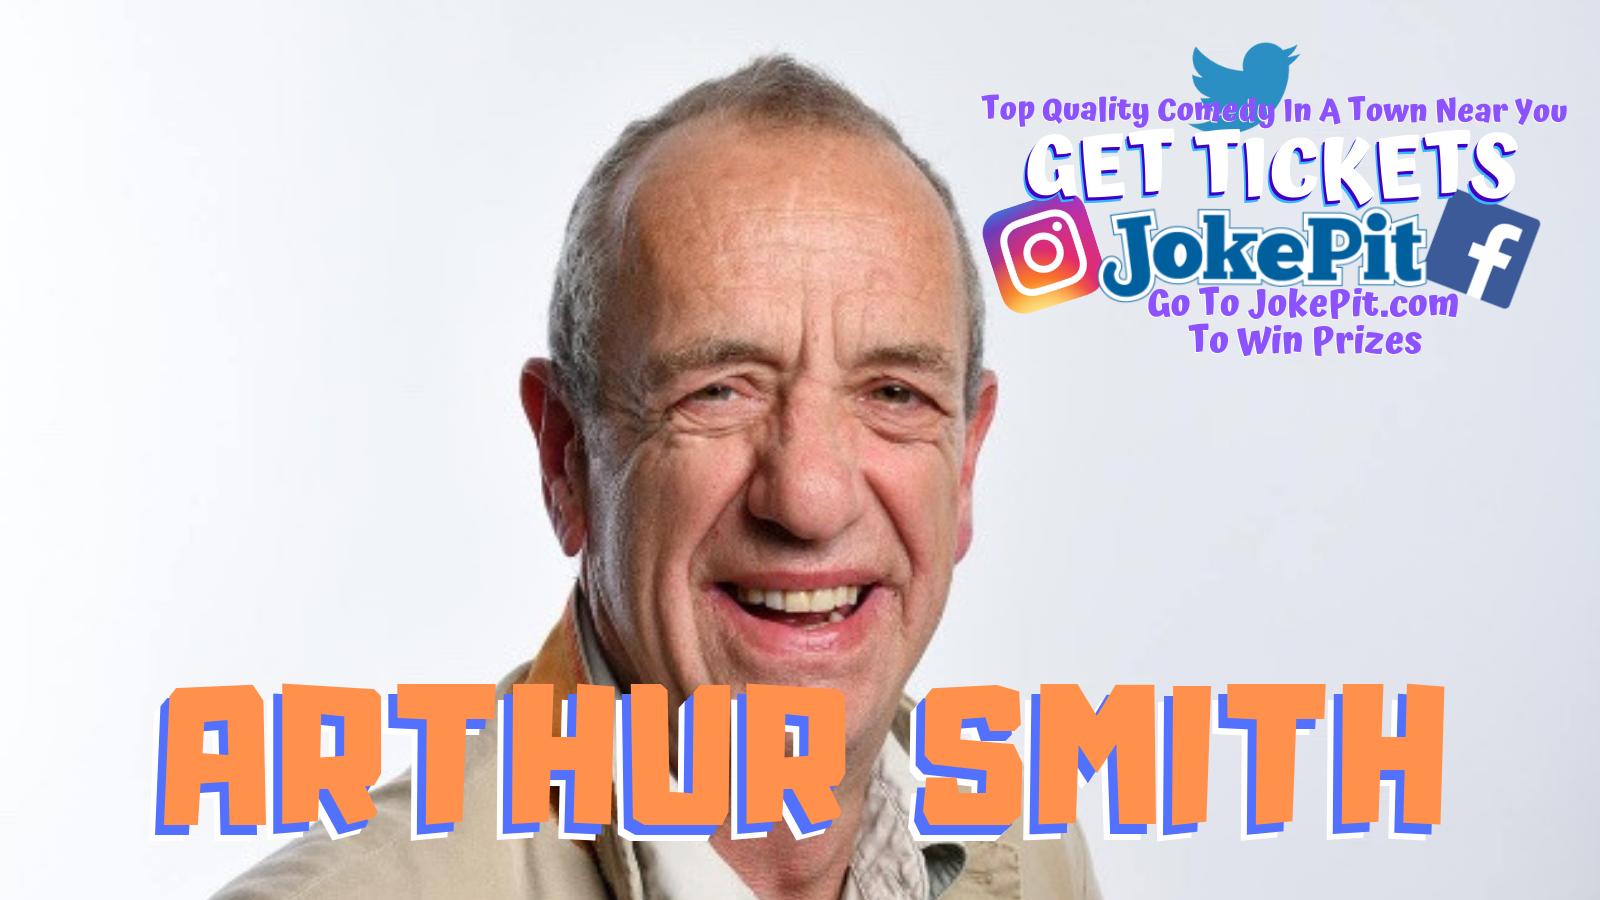 Arthur smith jokepit comedy tickets